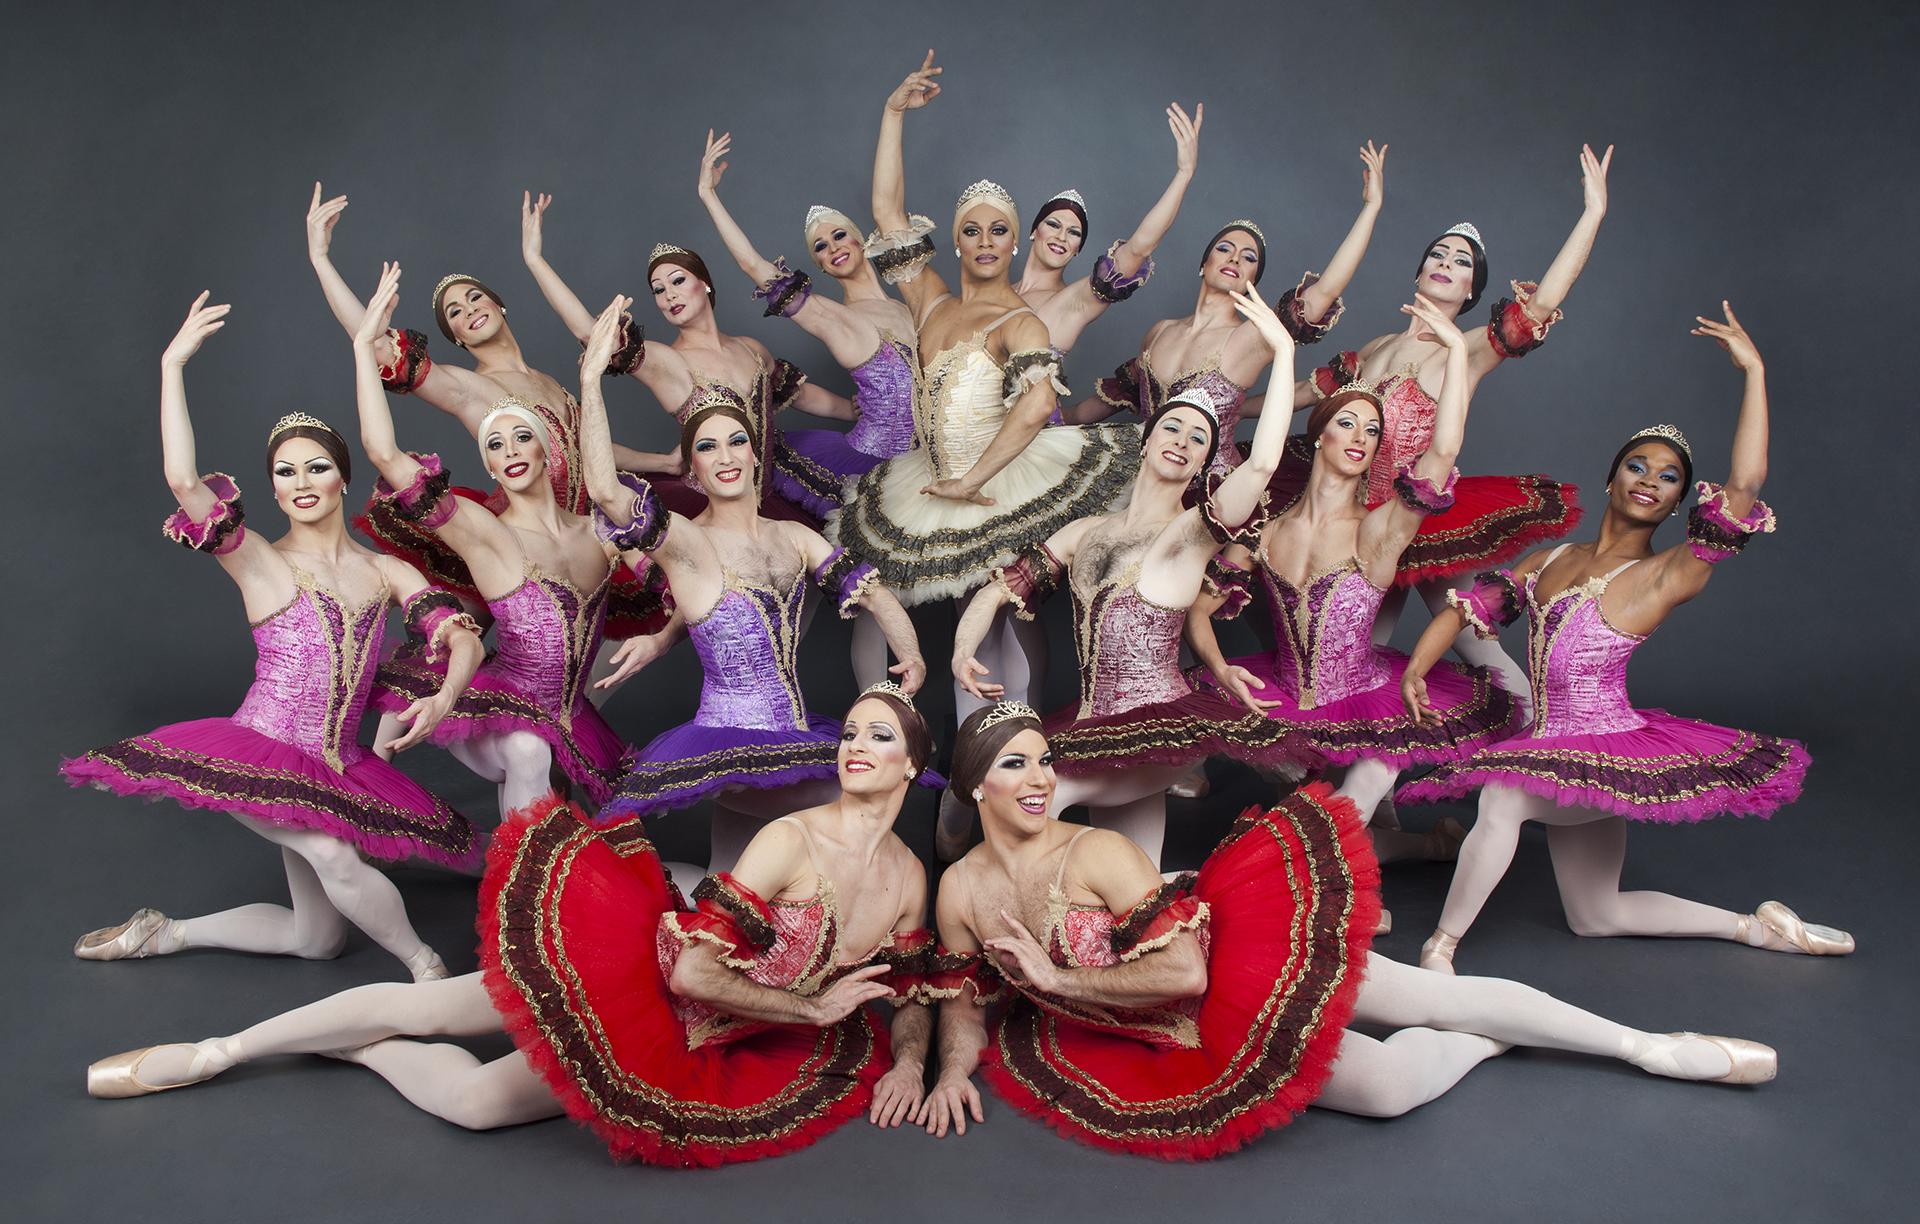 Očekujte spoj komedije i baleta